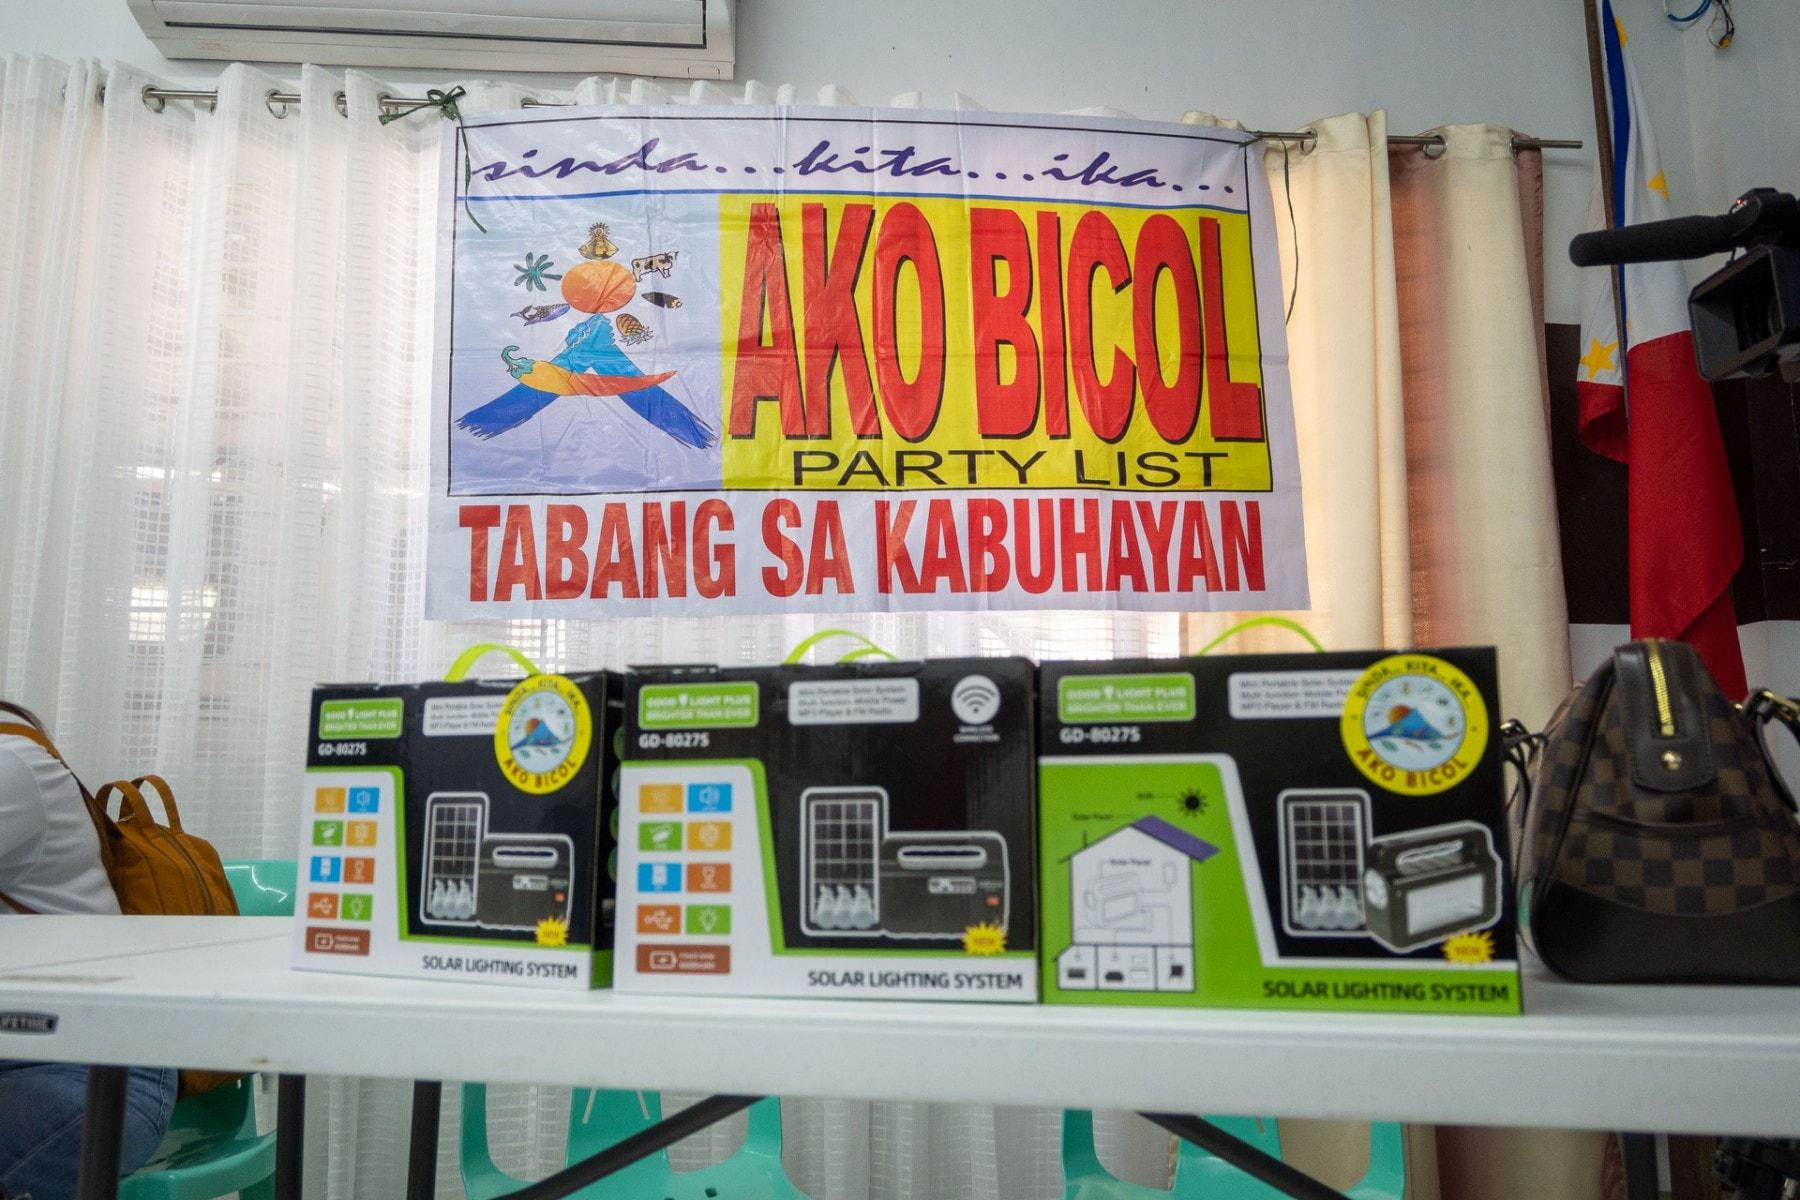 Mga scholars naman ng Ako Bicol PartyList sa Sorsogon ang nakatanggap ng starter toolkits at cash allowance mula sa TESDA.